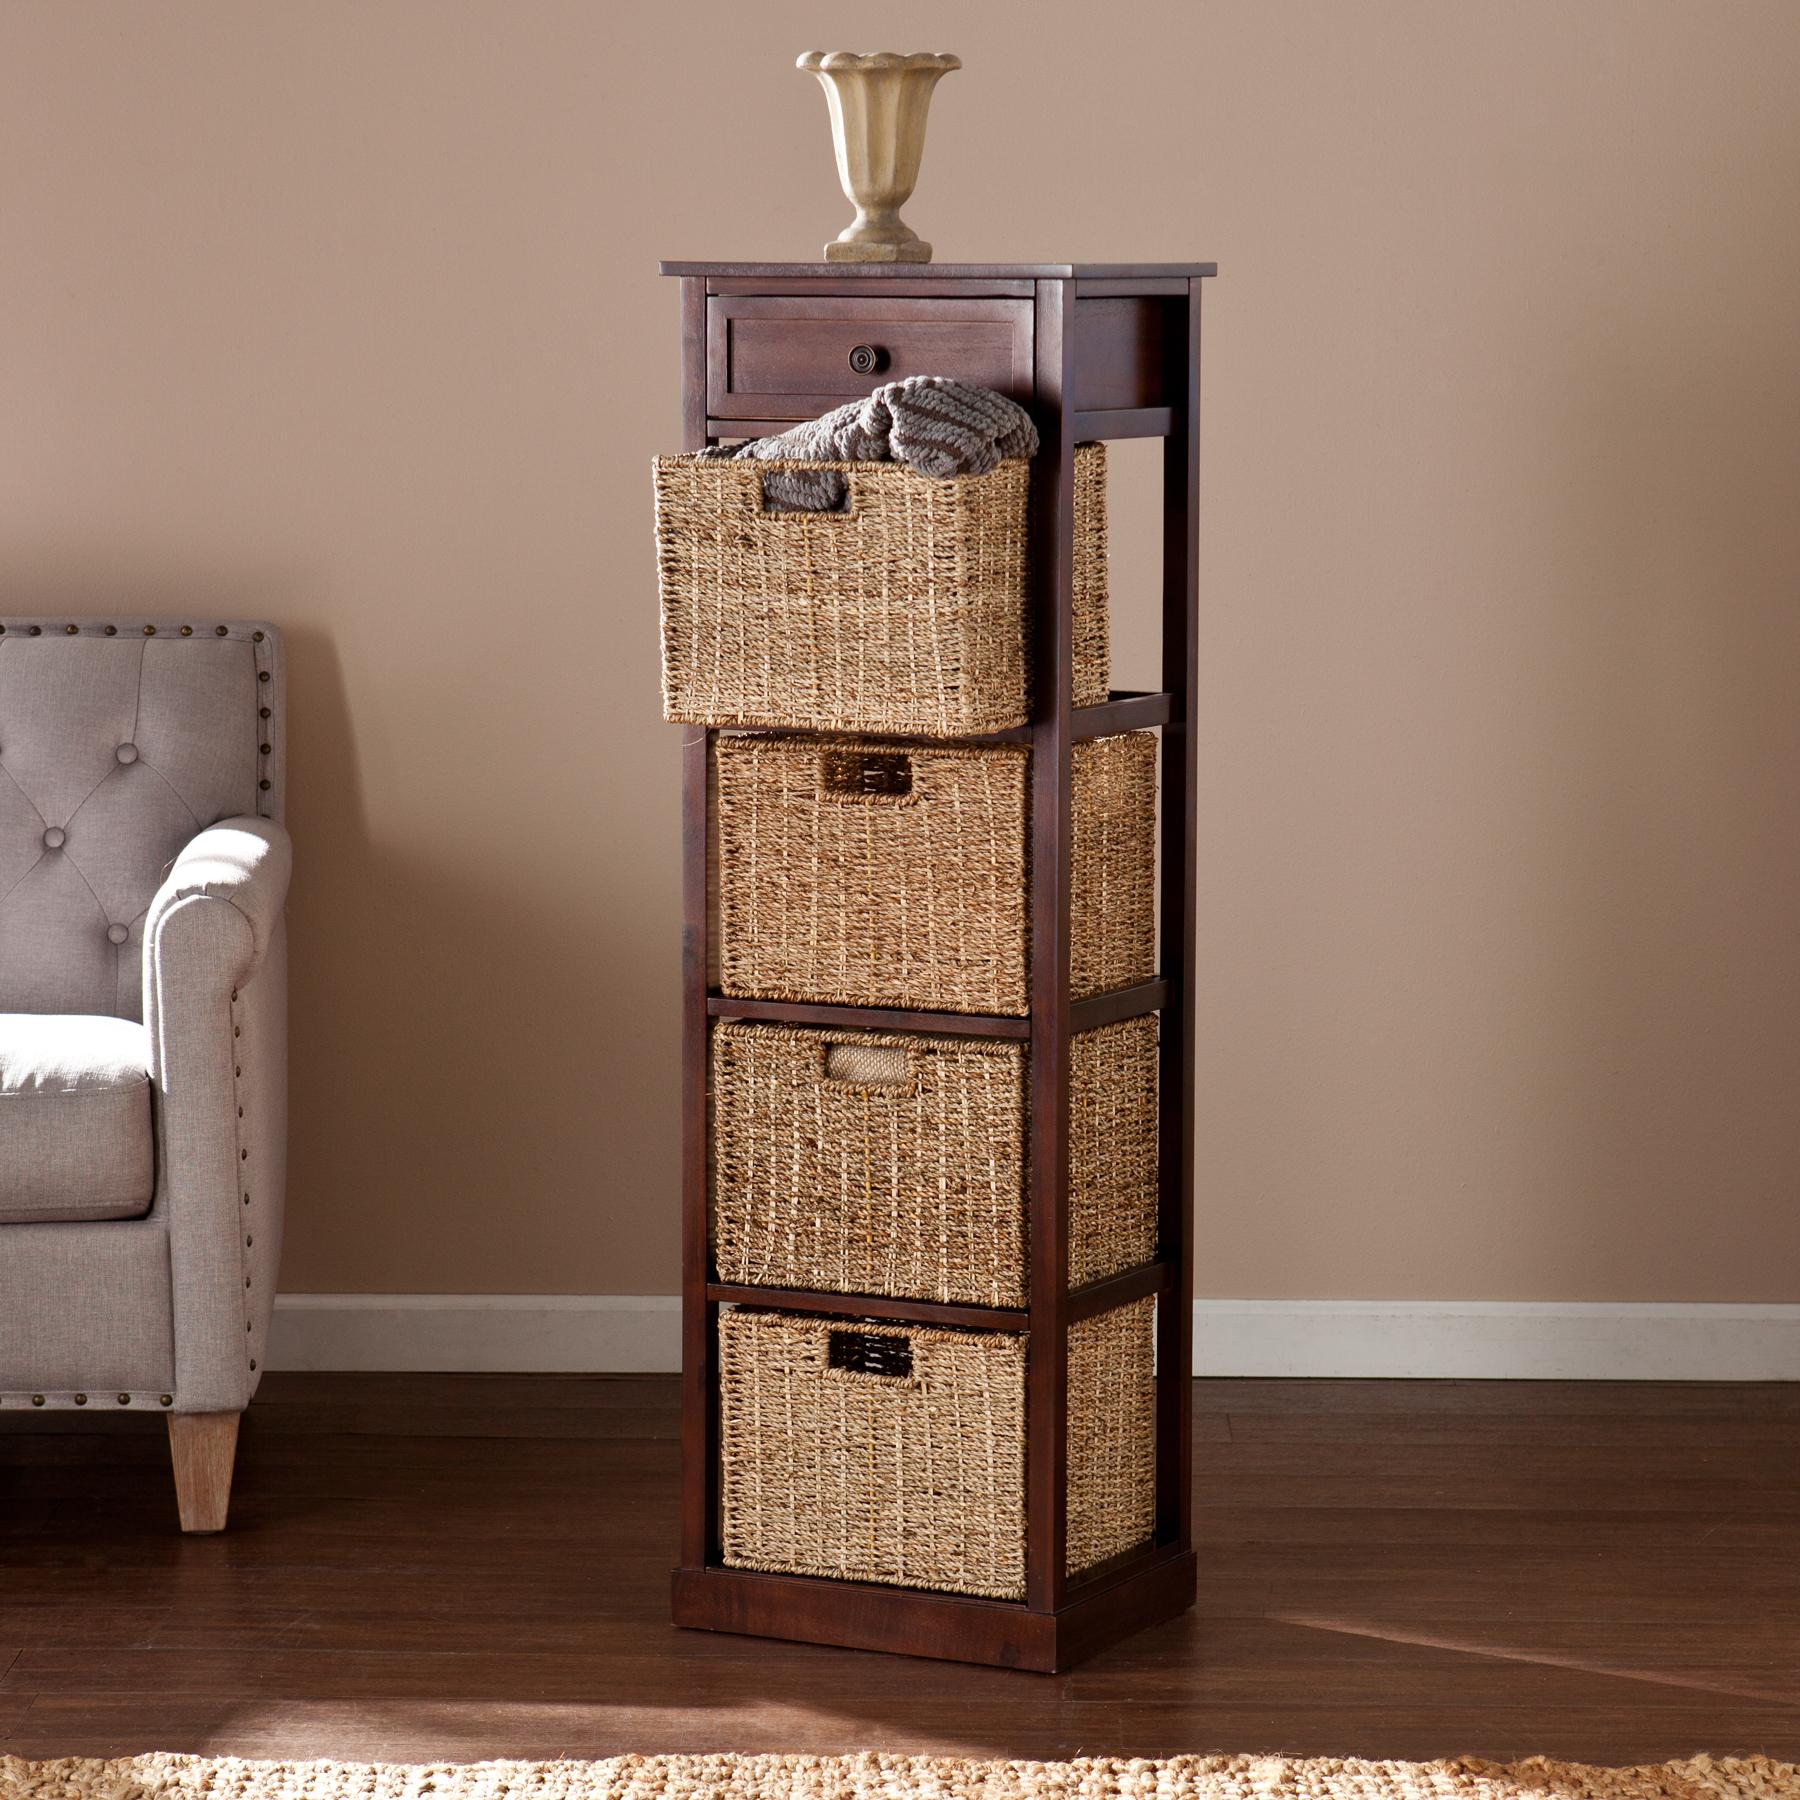 Kenton 4 Basket Storage Tower